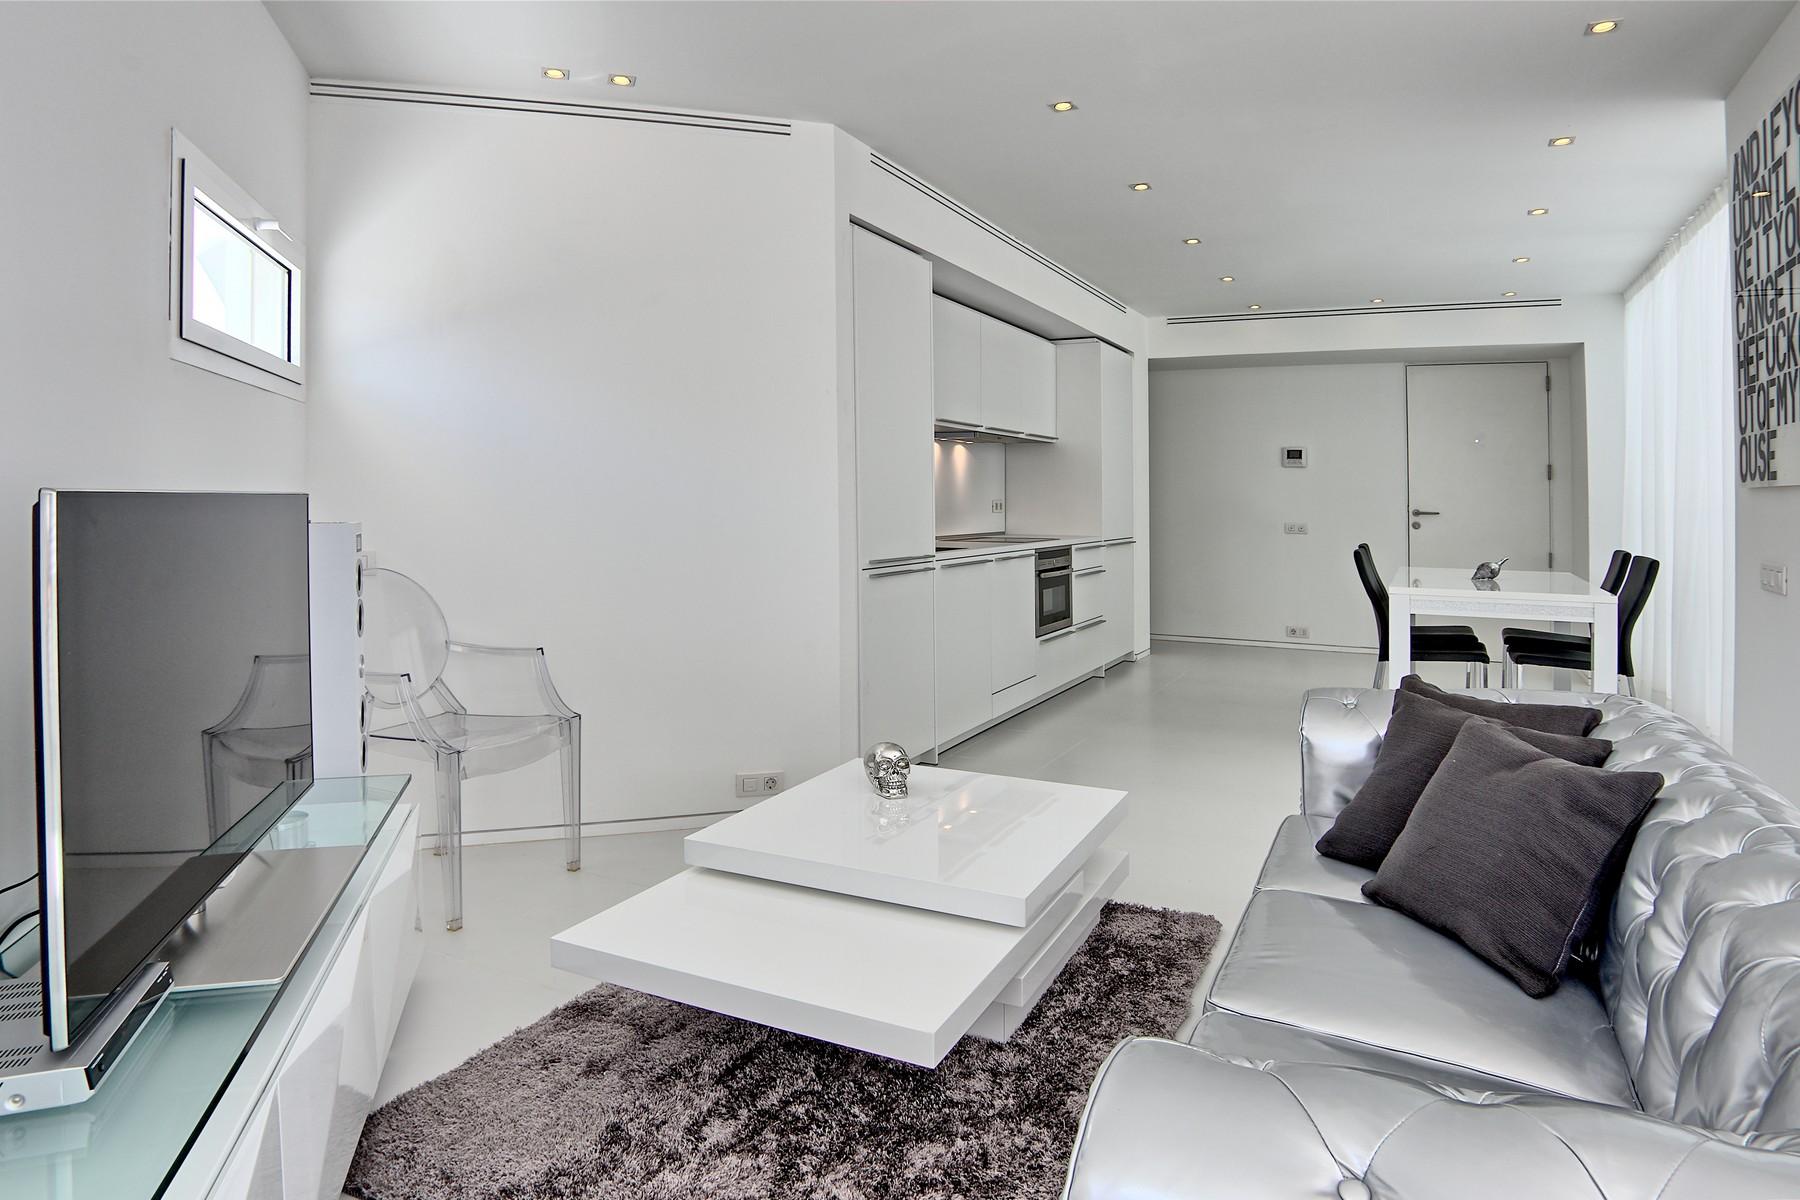 Apartamento para Venda às Modern spacious 1 bed apartment in Marina Botafoch Ibiza, Ibiza, 07800 Espanha